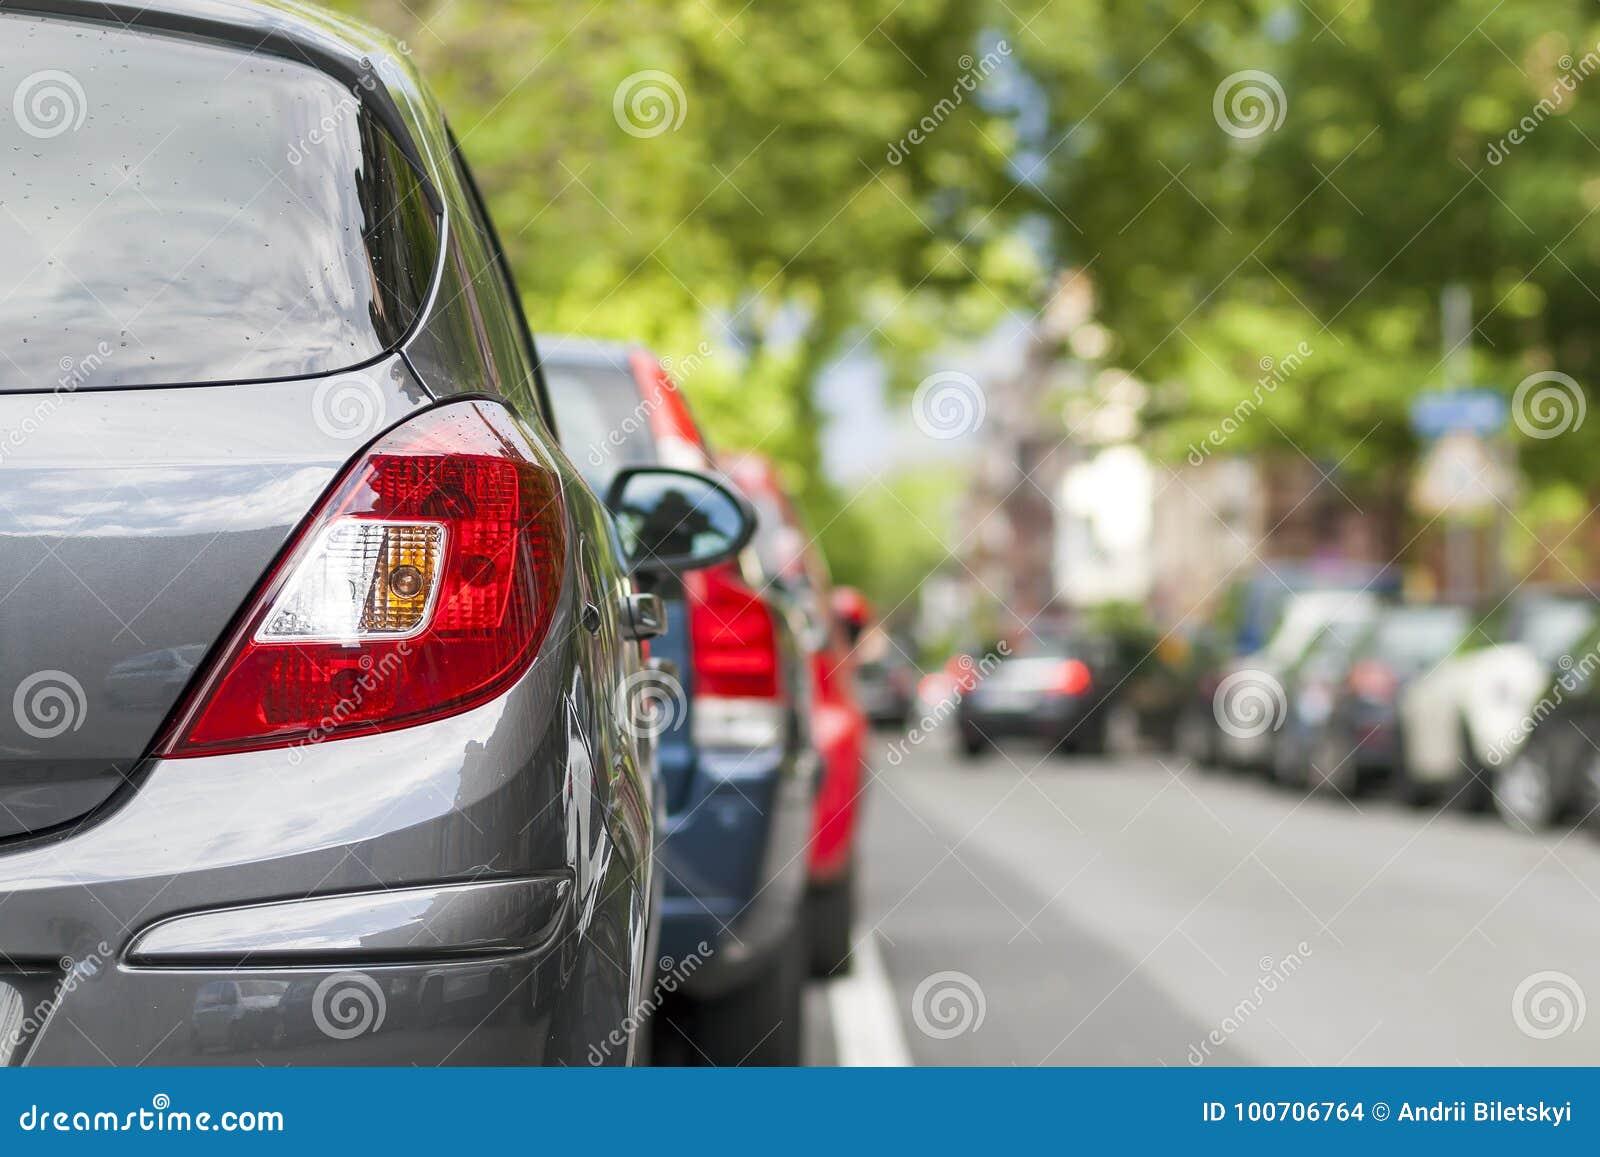 Rijen van auto s op de kant van de weg in woondistrict worden geparkeerd dat